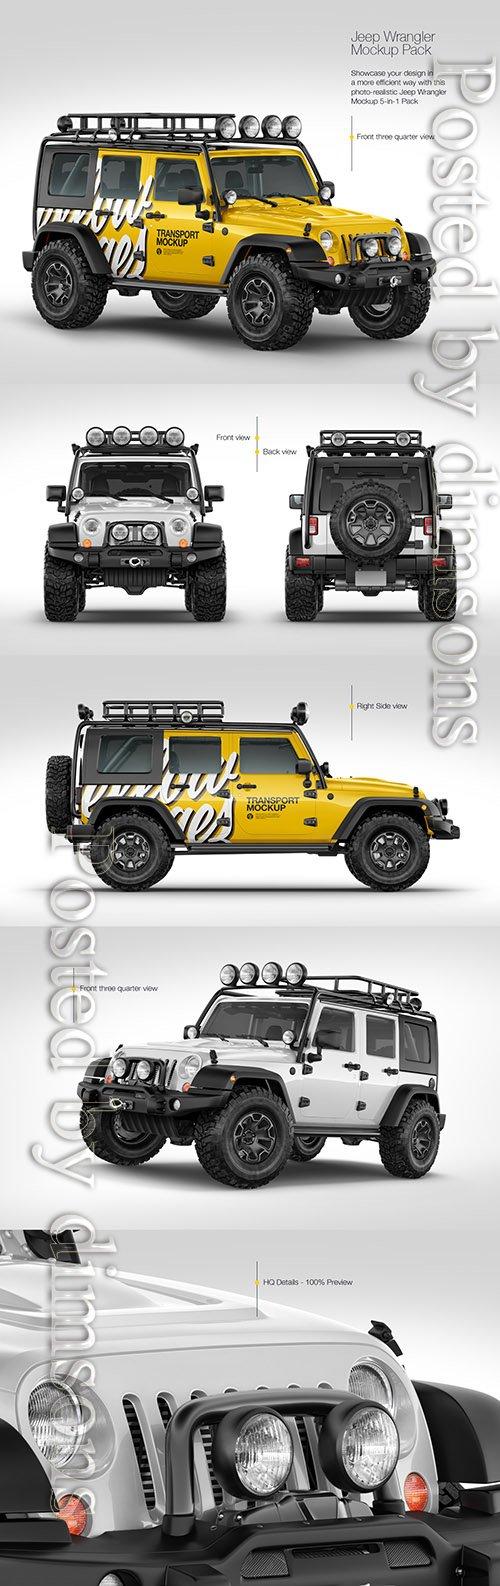 Jeep Wrangler Mockup Pack TIF